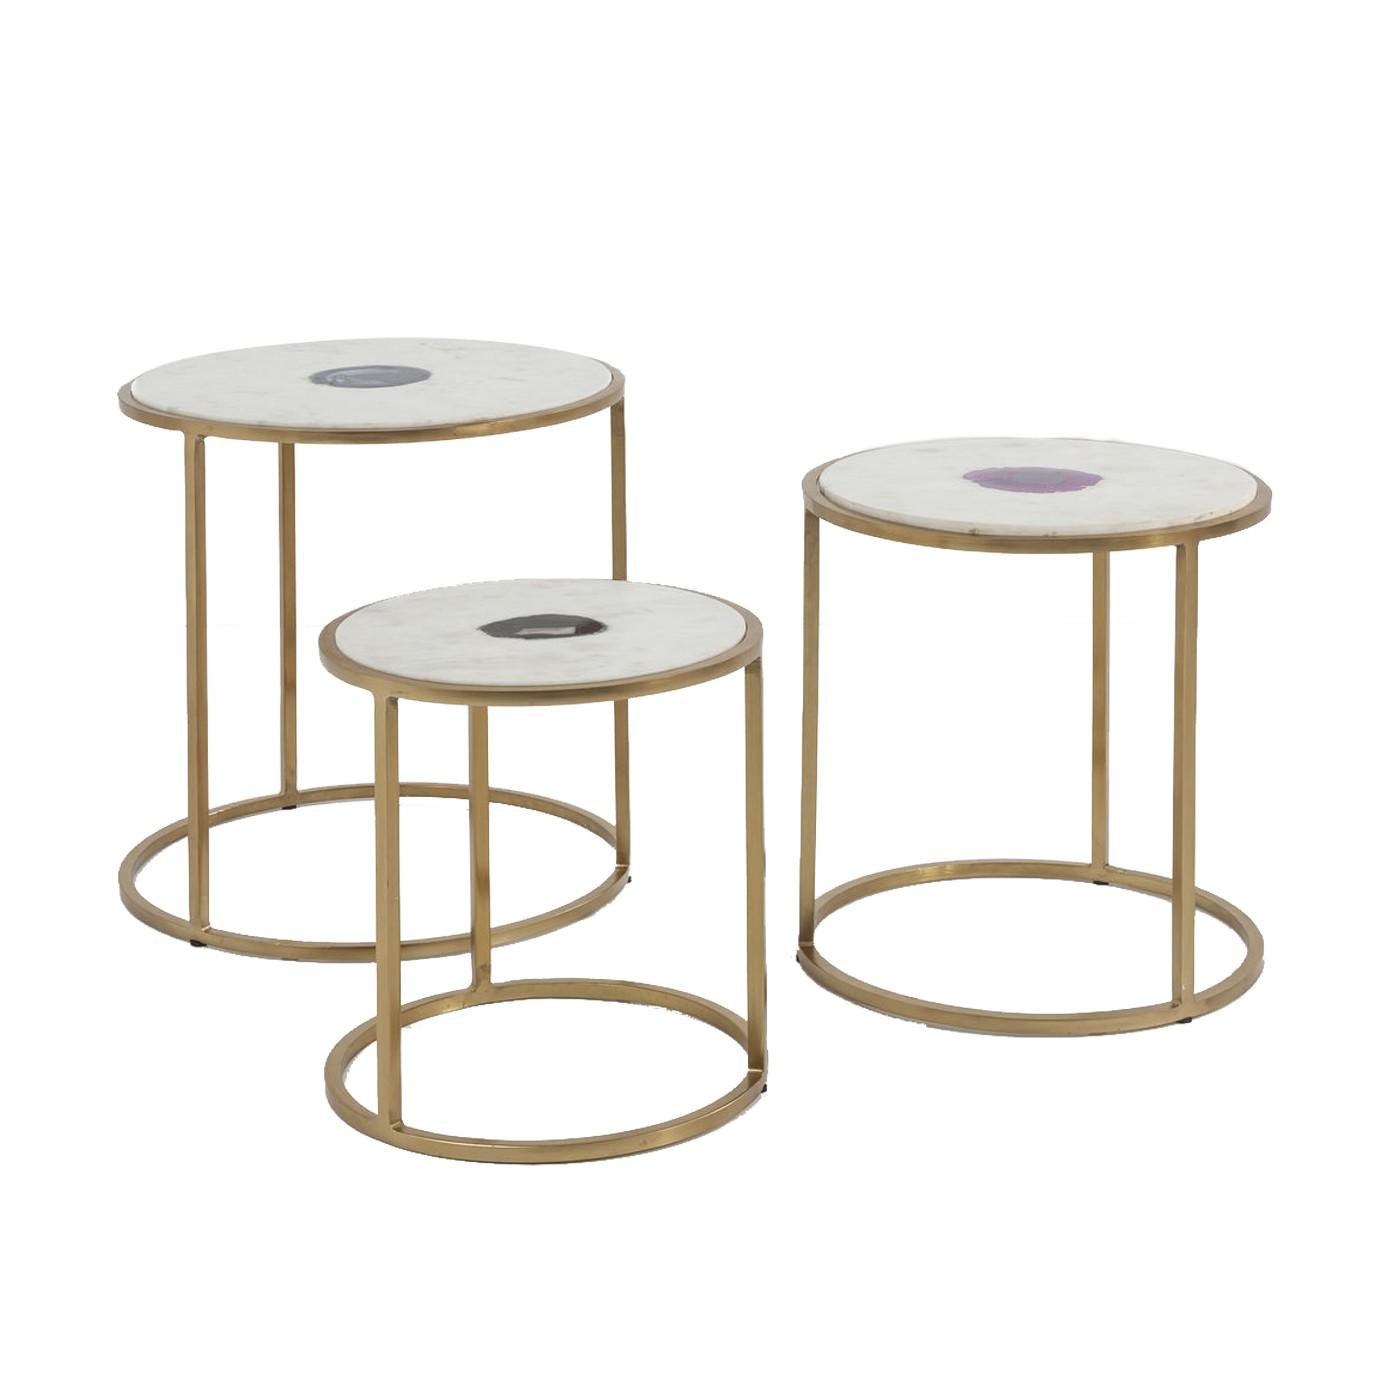 3 tables d'appoint gigognes en acier doré et marbre blanc